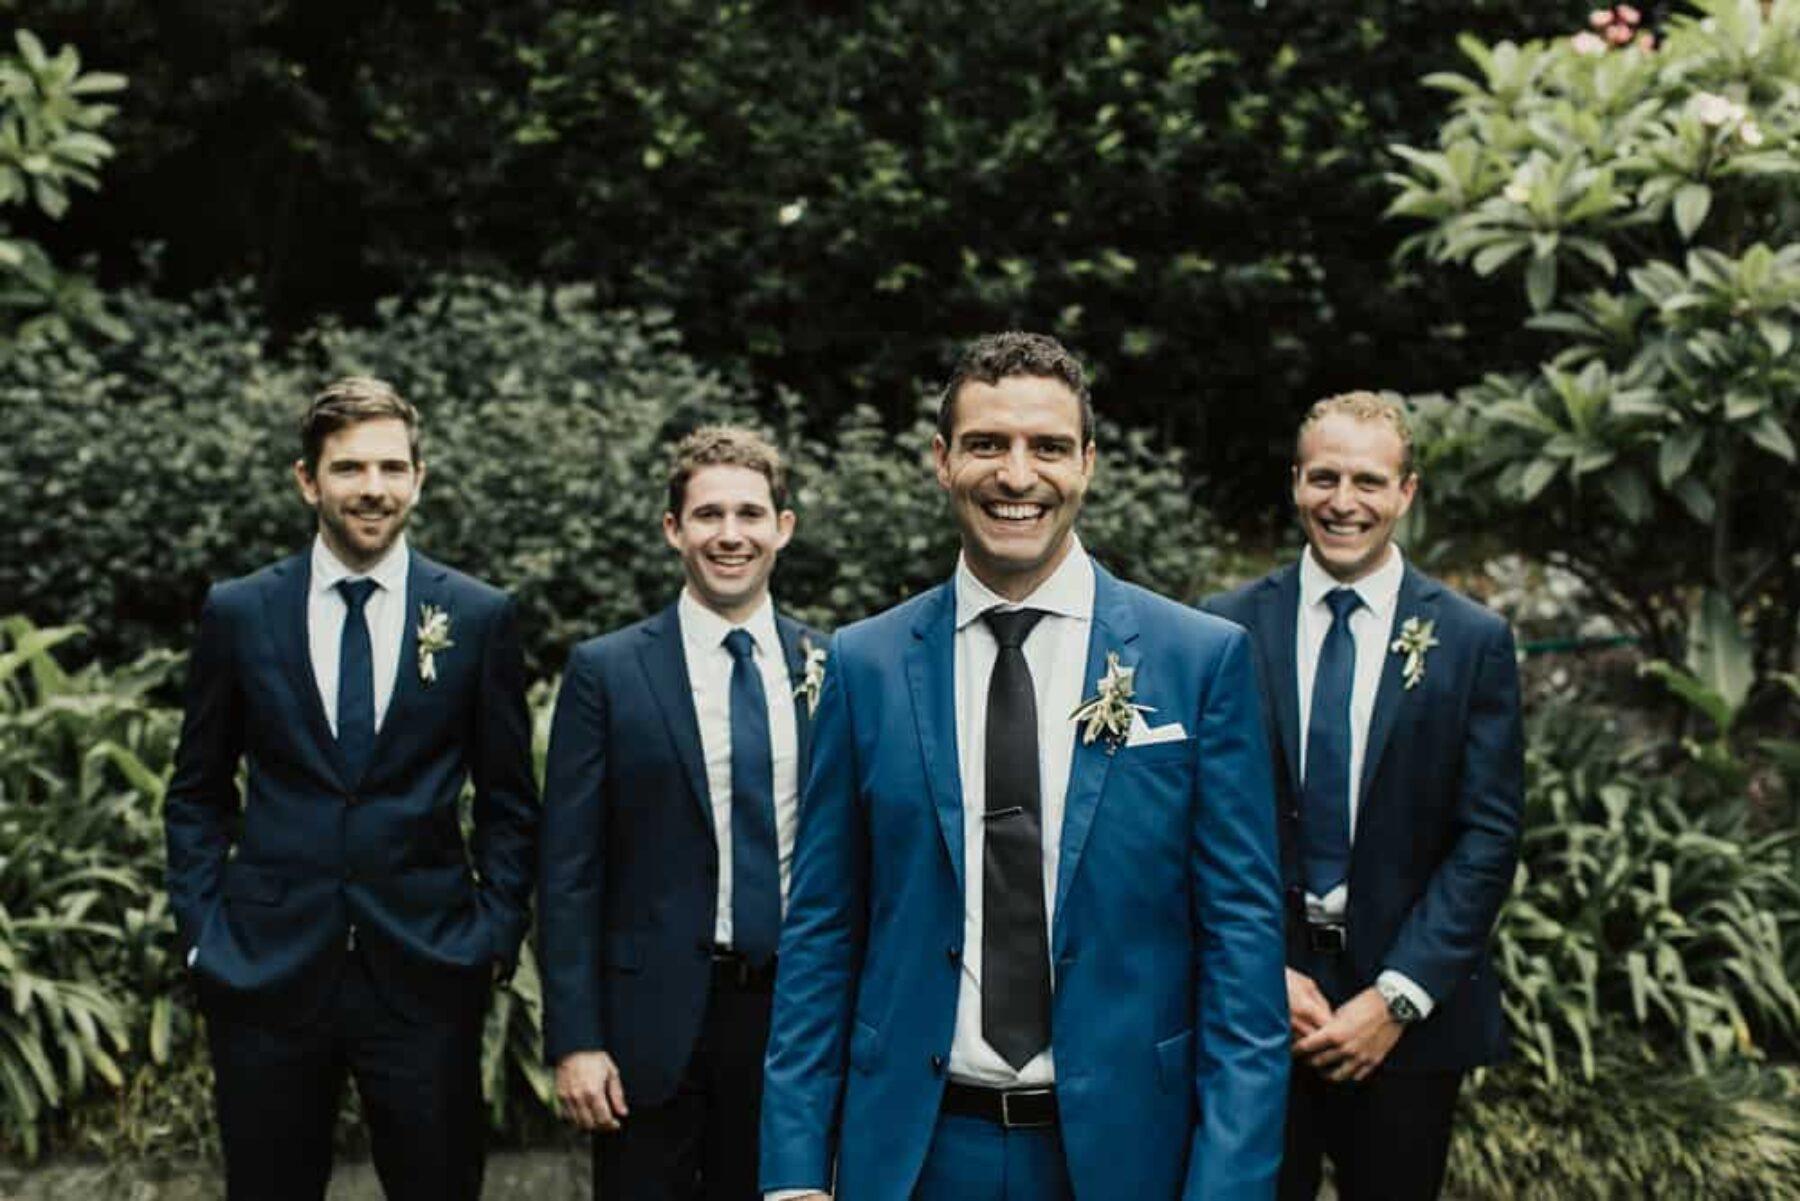 groomsmen in shades of blue